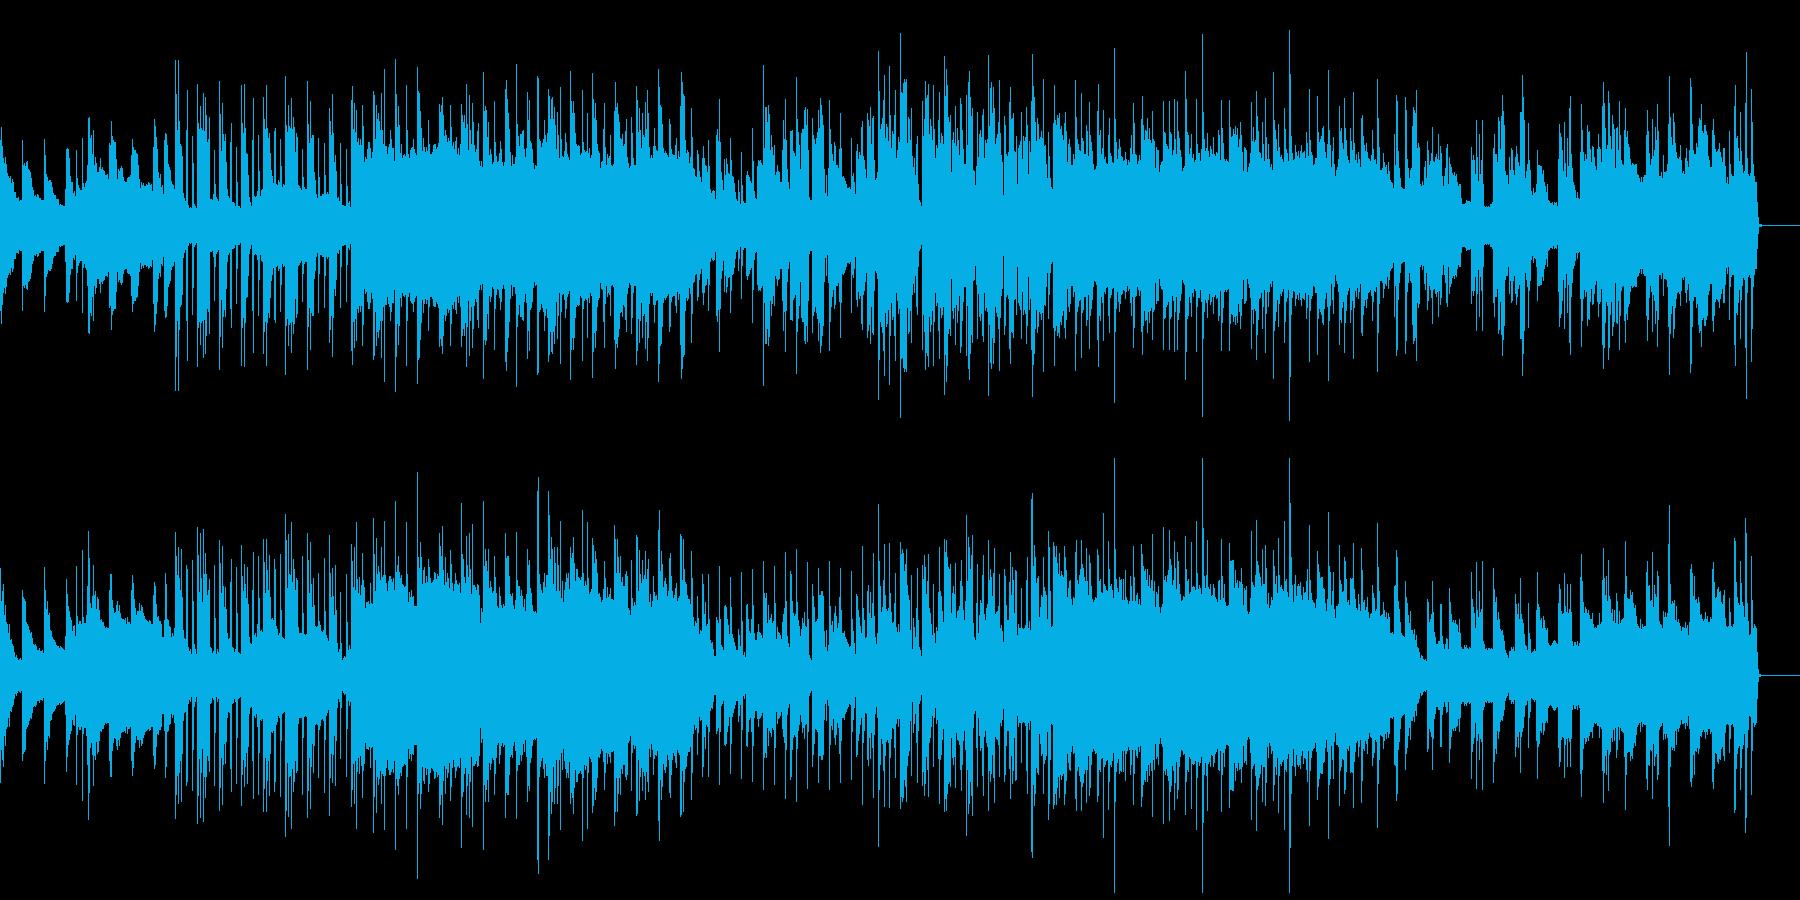 壮大で感動的ローファイヒップホップの再生済みの波形